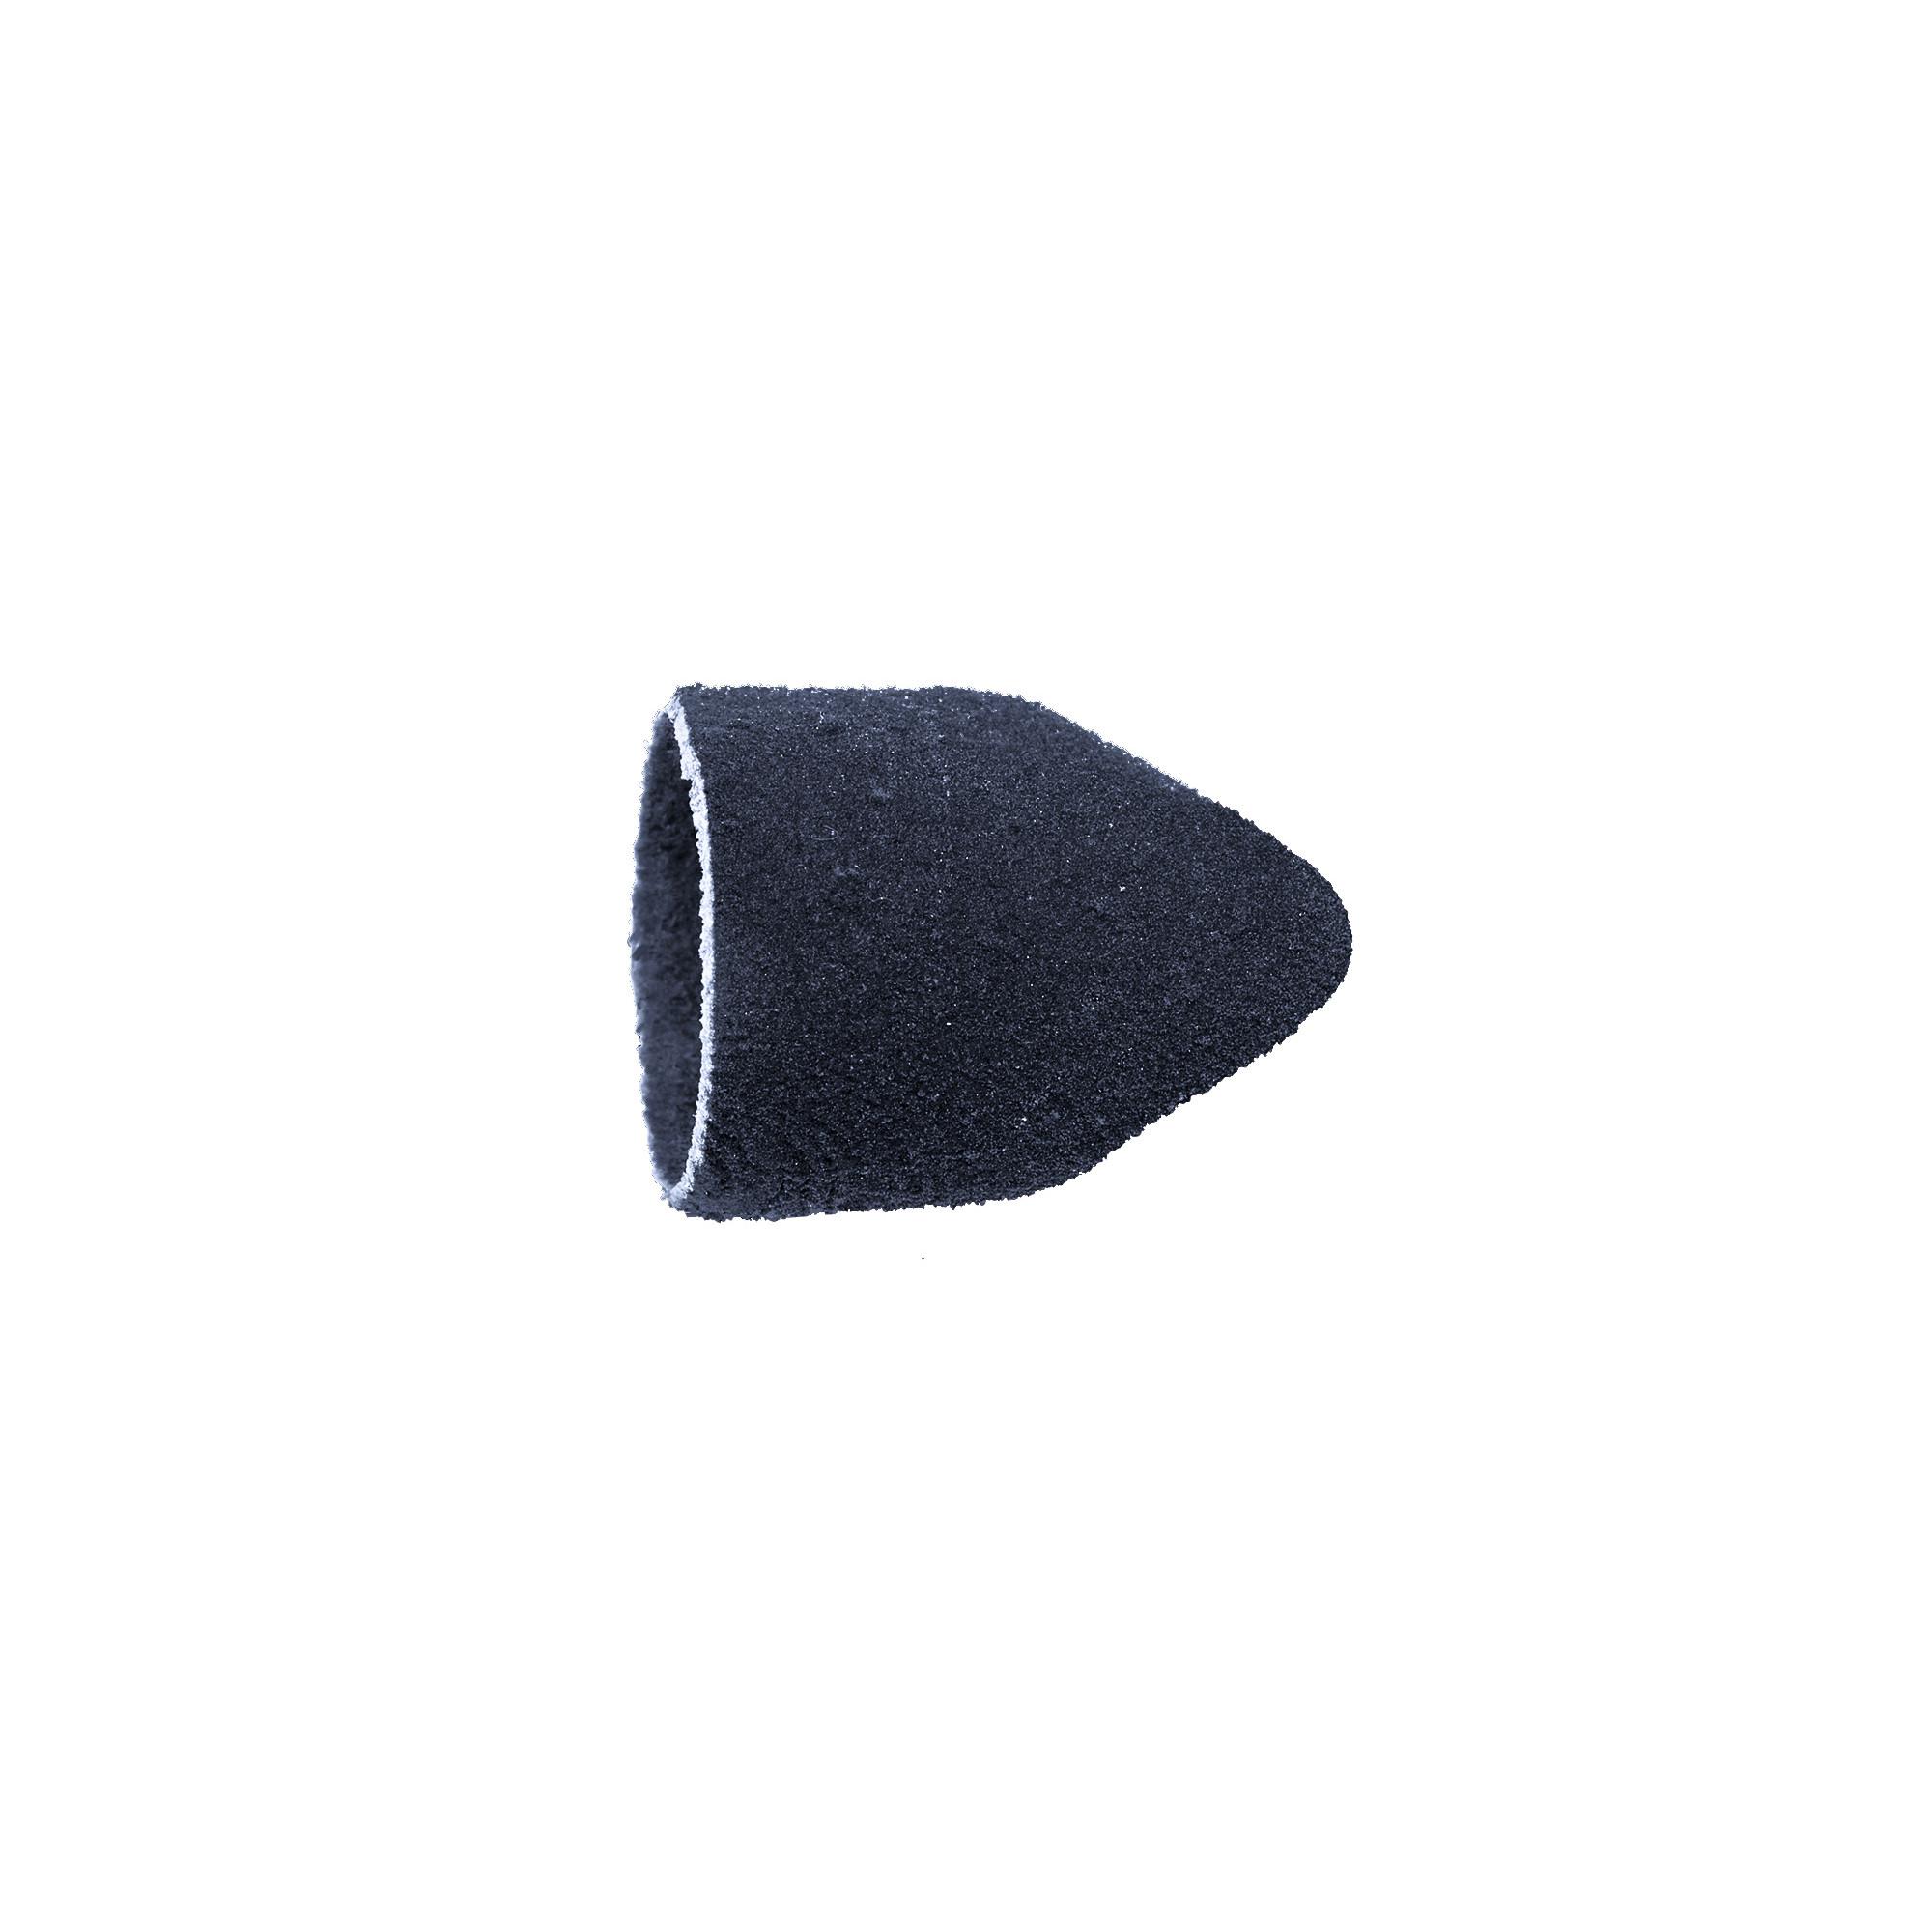 Capuchons abrasifs pointus x10 1601 - Diamant - Grain fin - Abrasion des cors, durillons et hyperkératoses - 13 mm